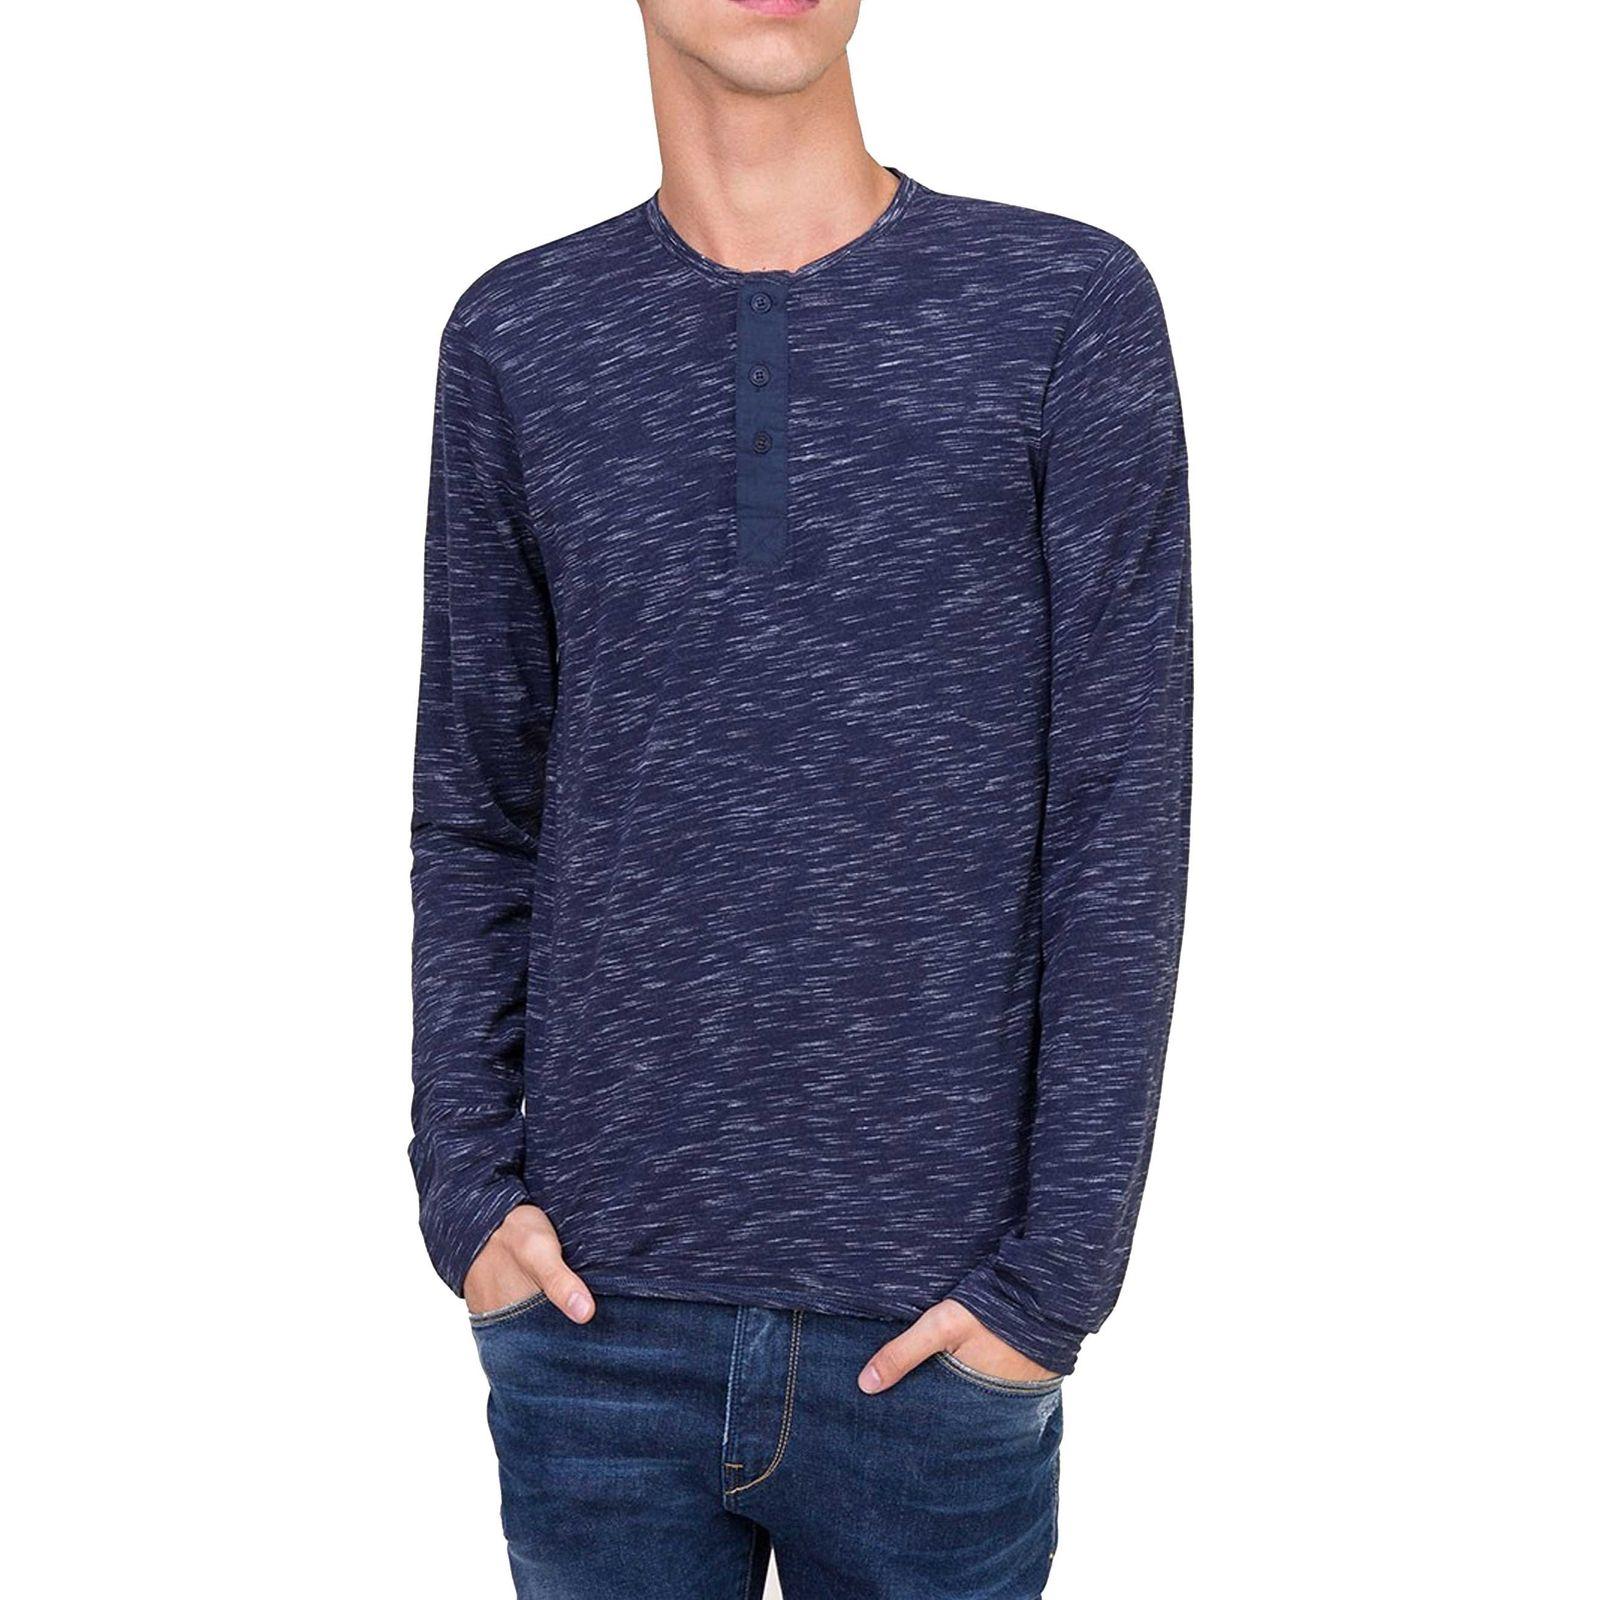 تی شرت نخی یقه گرد مردانه - تیفوسی - آبي - 2